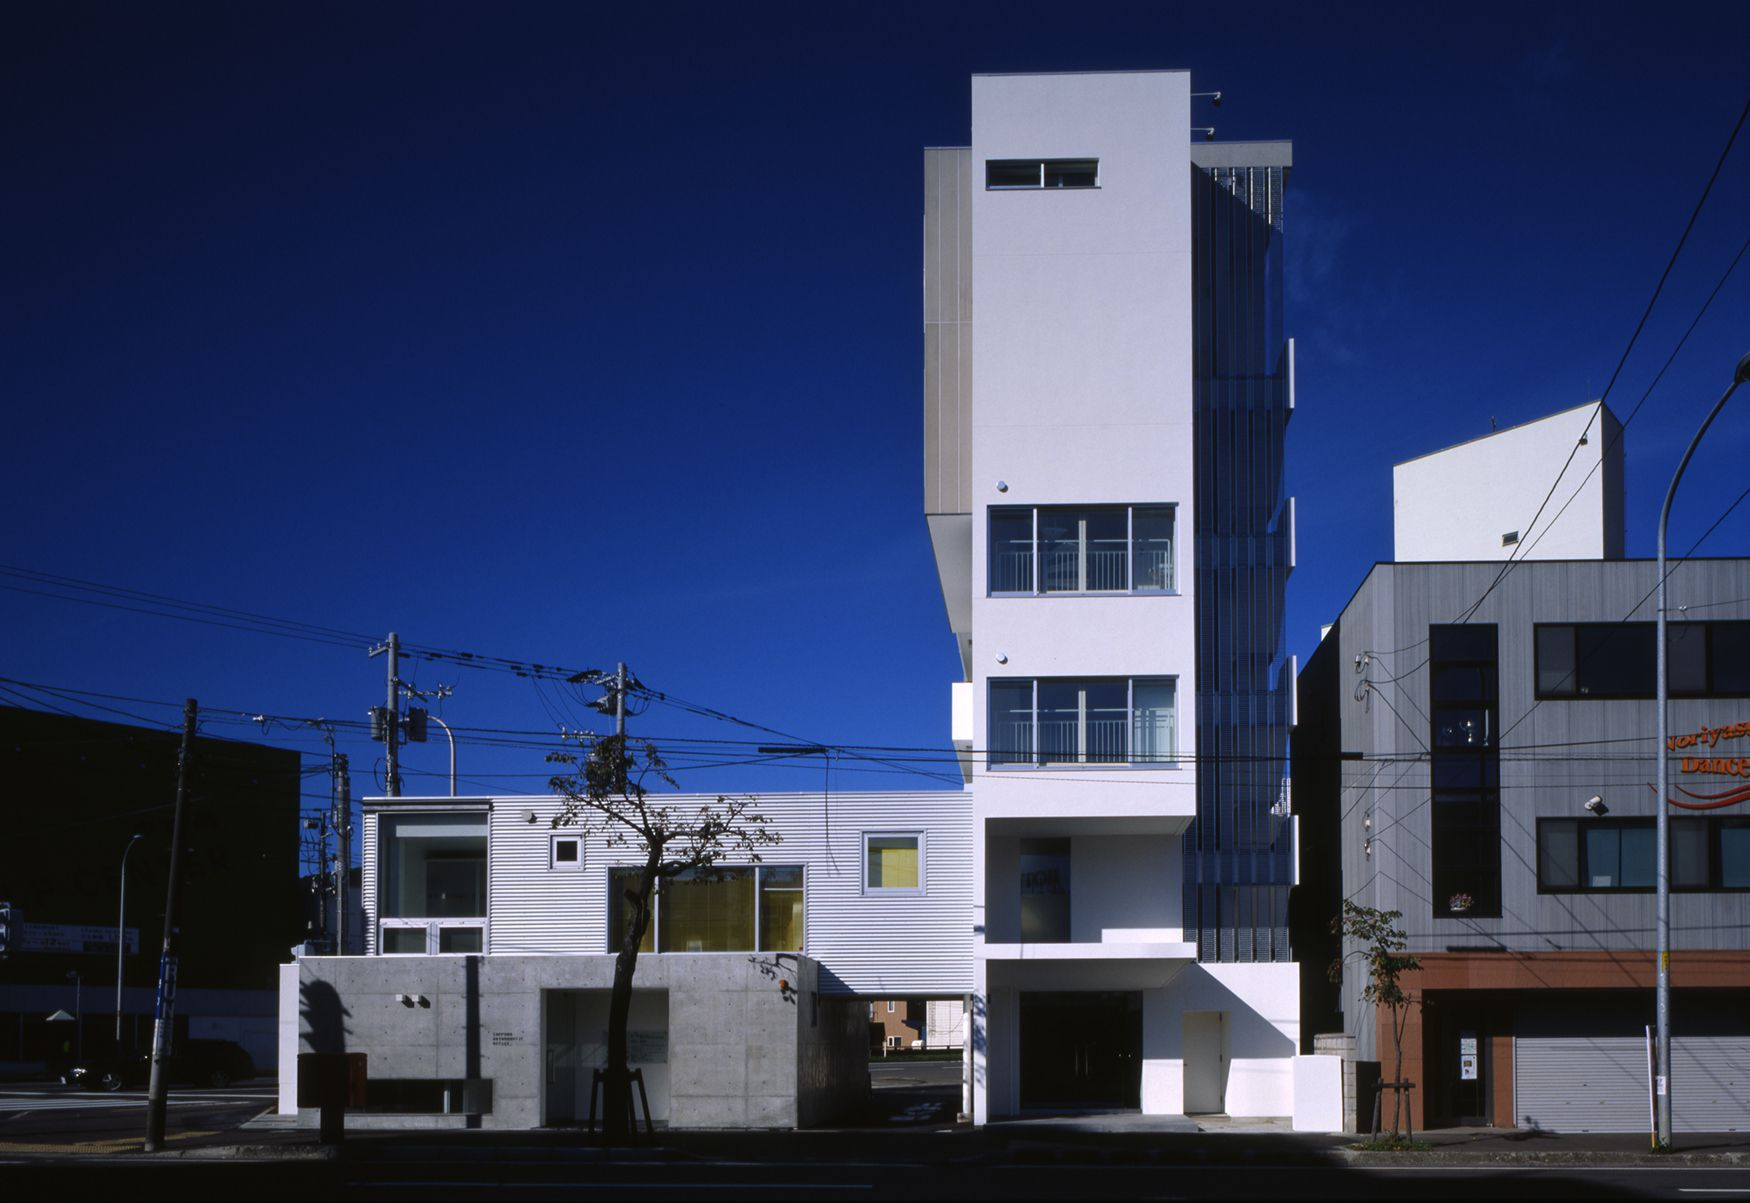 フレキシビリティがテーマの集合住宅